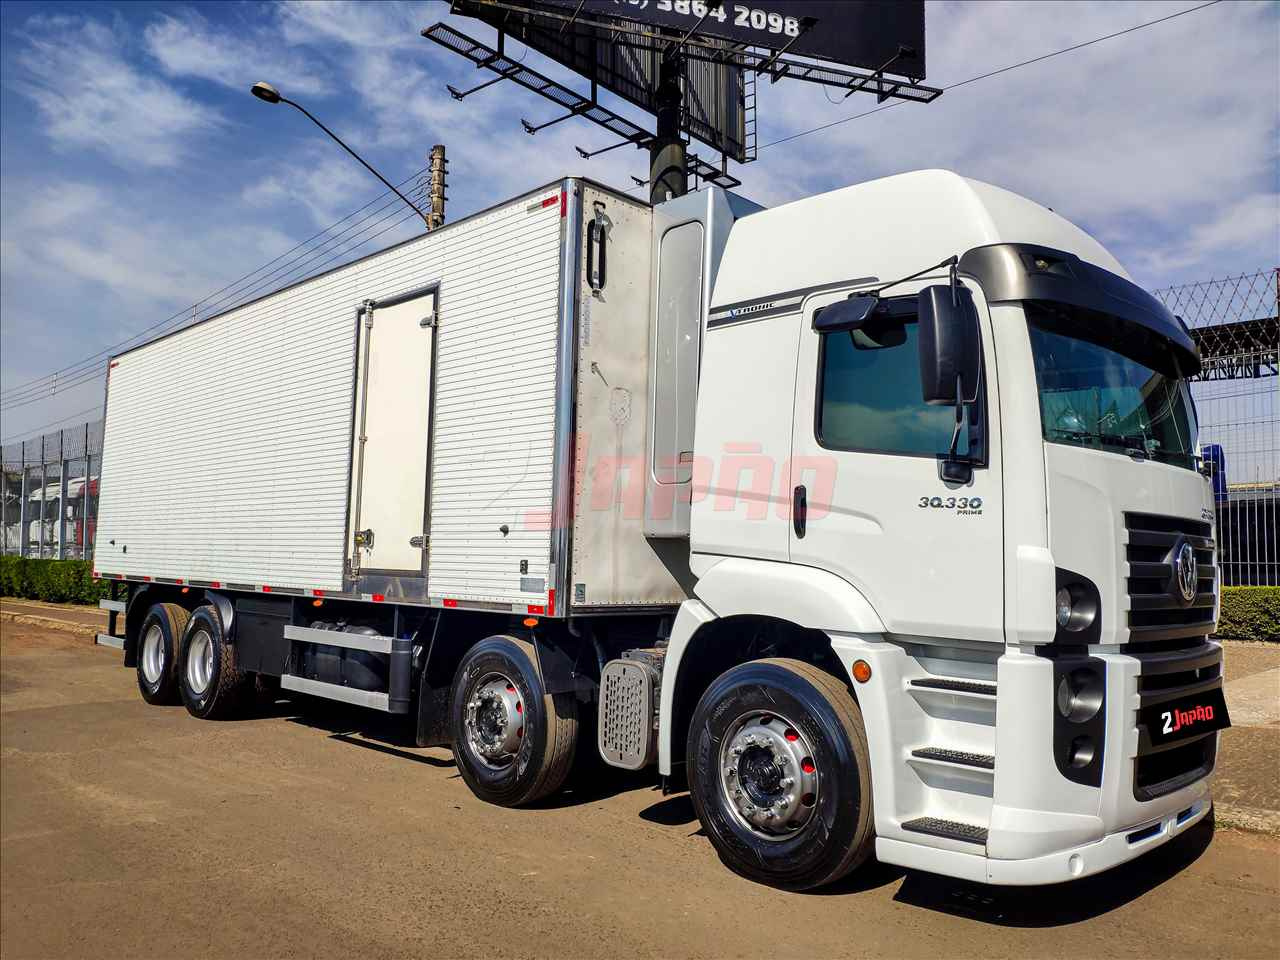 CAMINHAO VOLKSWAGEN VW 30330 Baú Frigorífico BiTruck 8x2 2 Japão Caminhões e Carretas SUMARE SÃO PAULO SP